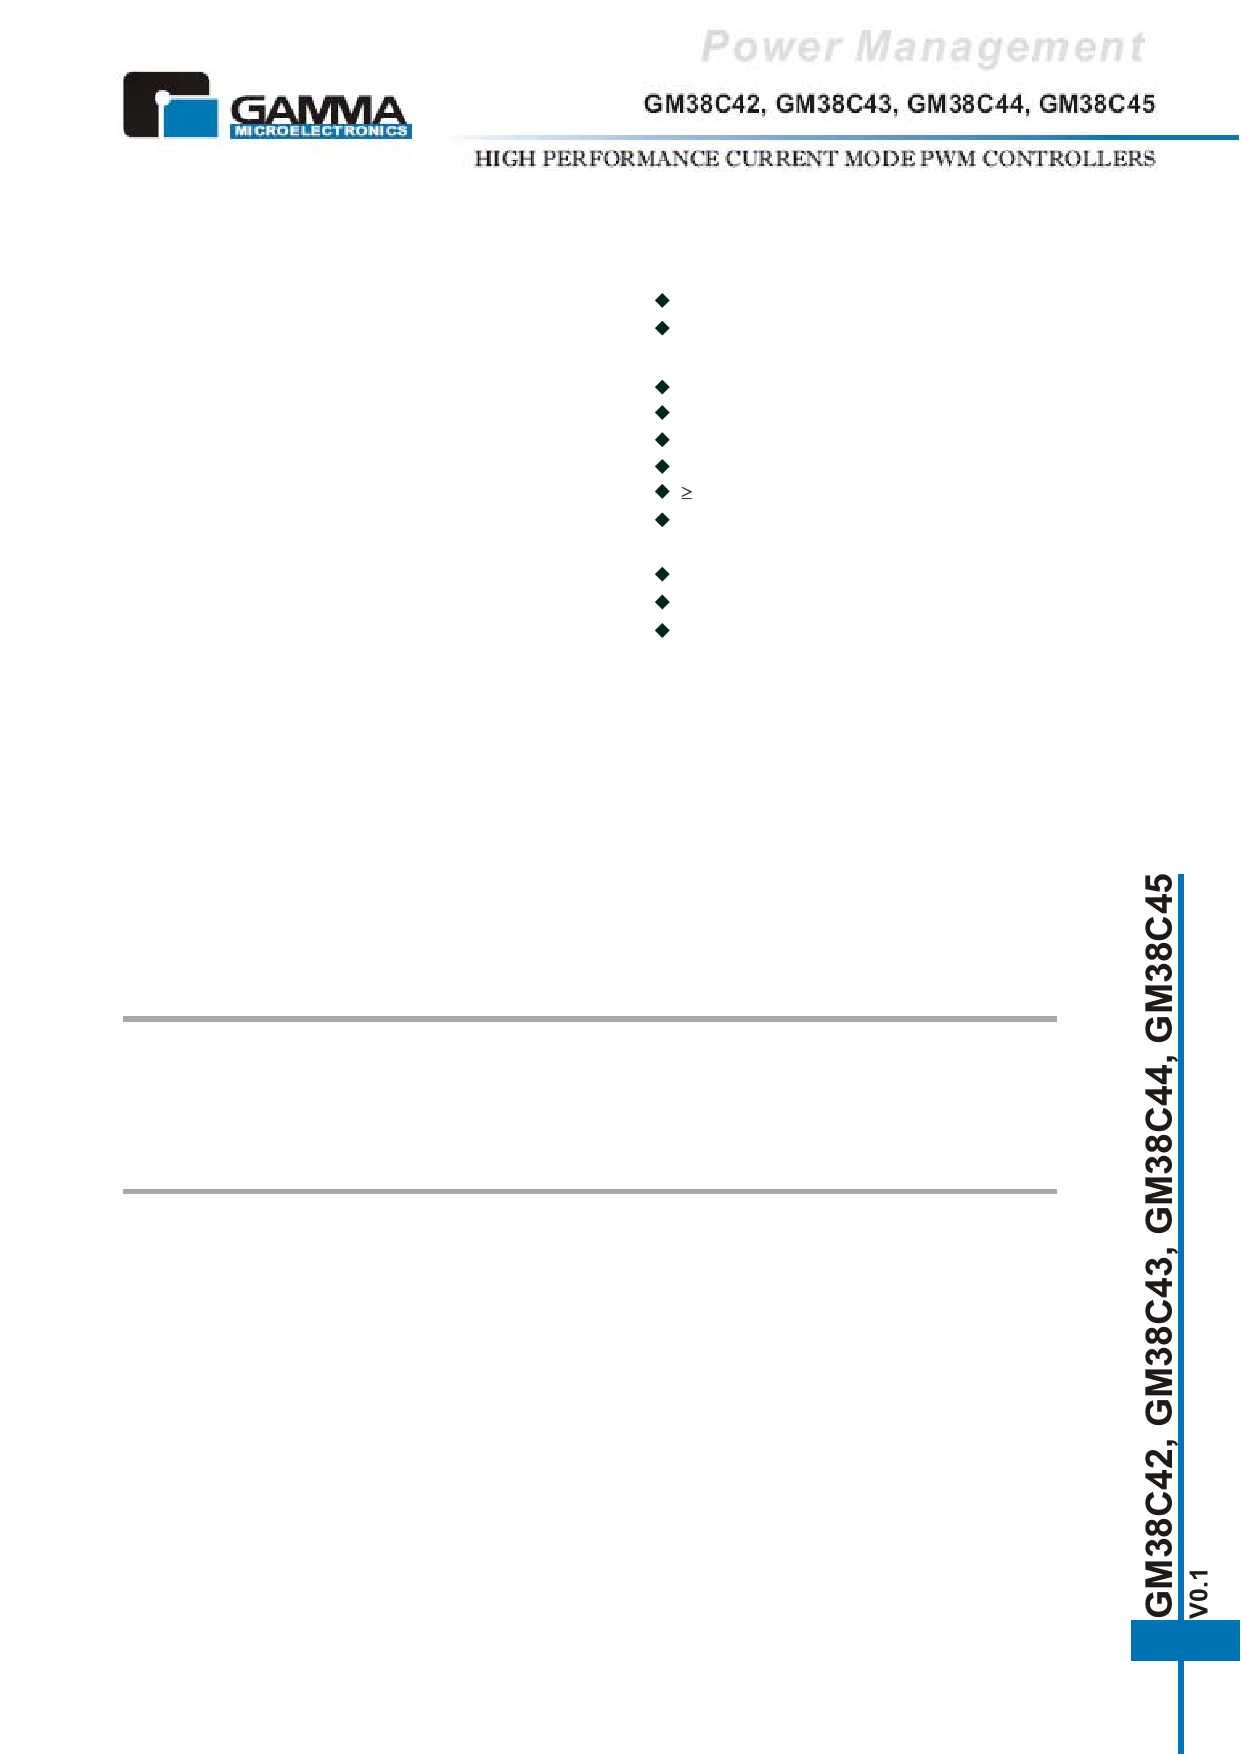 GM38C44 datasheet